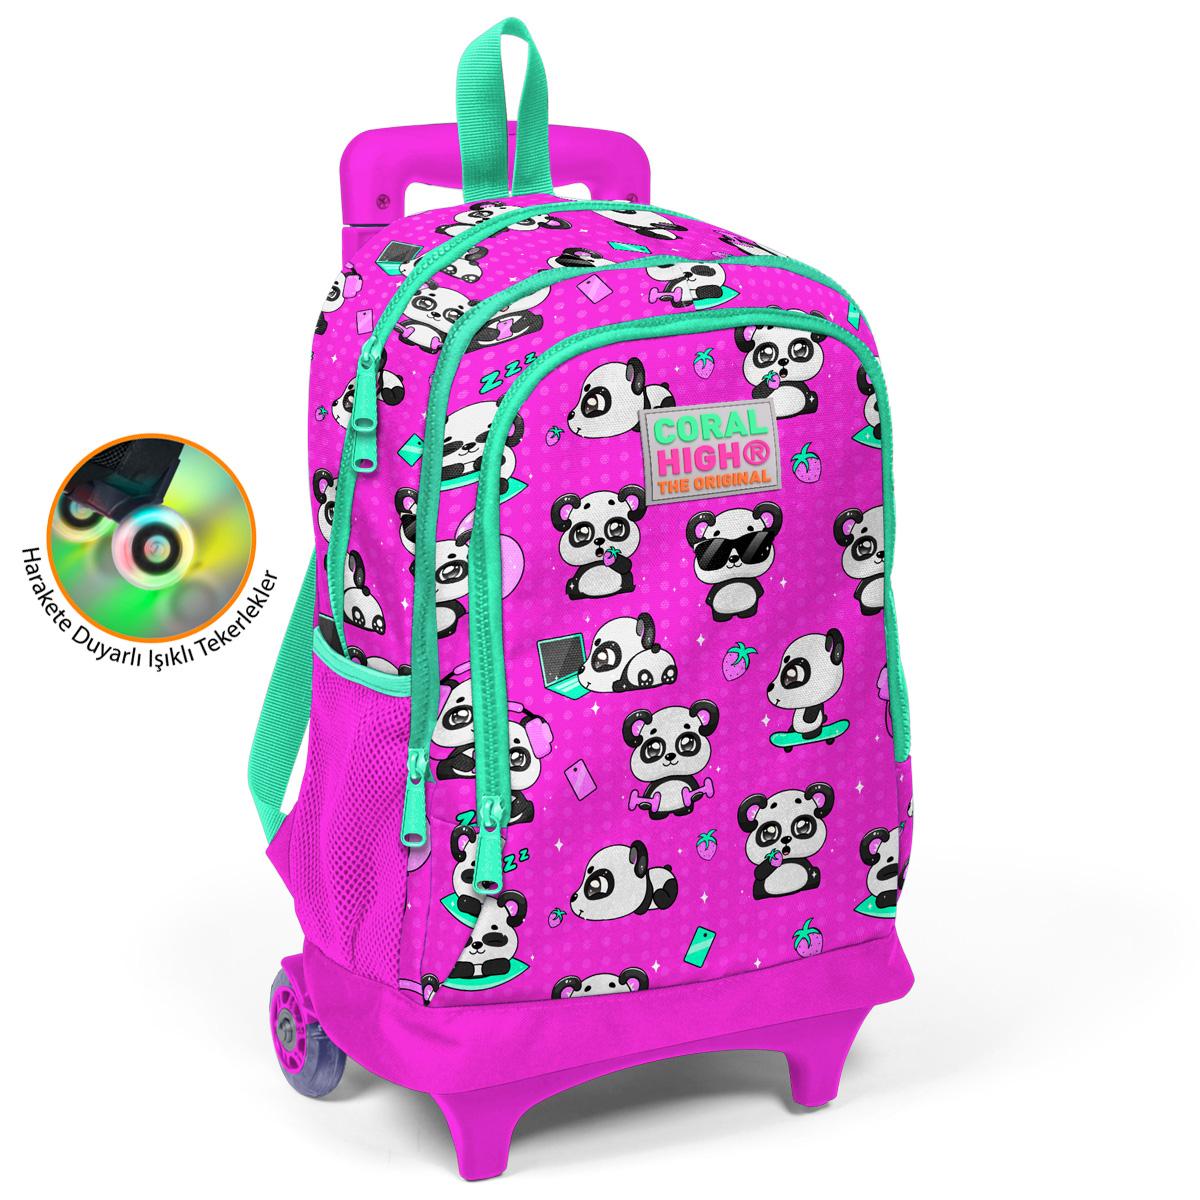 Coral High KIDS - Coral High Kids Pembe Panda Işıklı Tekerlekli İki Bölmeli Çekçekli Sırt Çantası